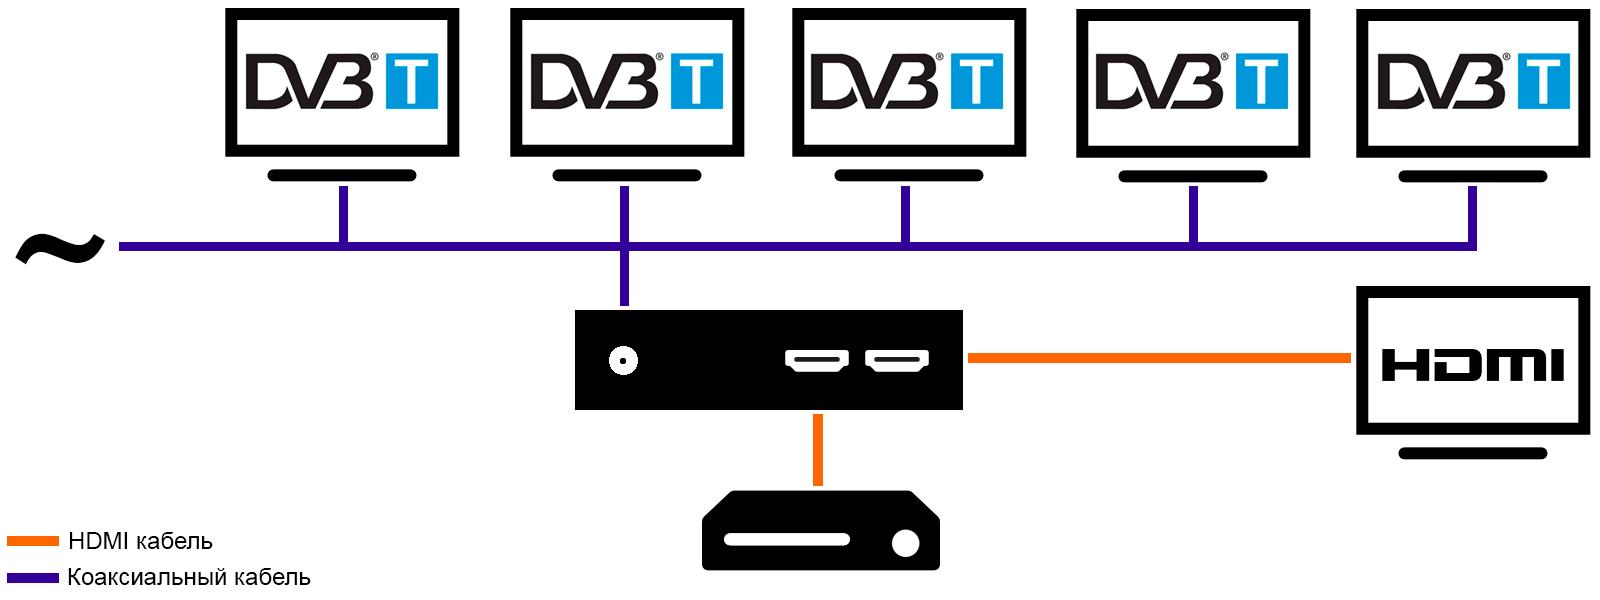 Замешать HDMI в телевизионную сеть